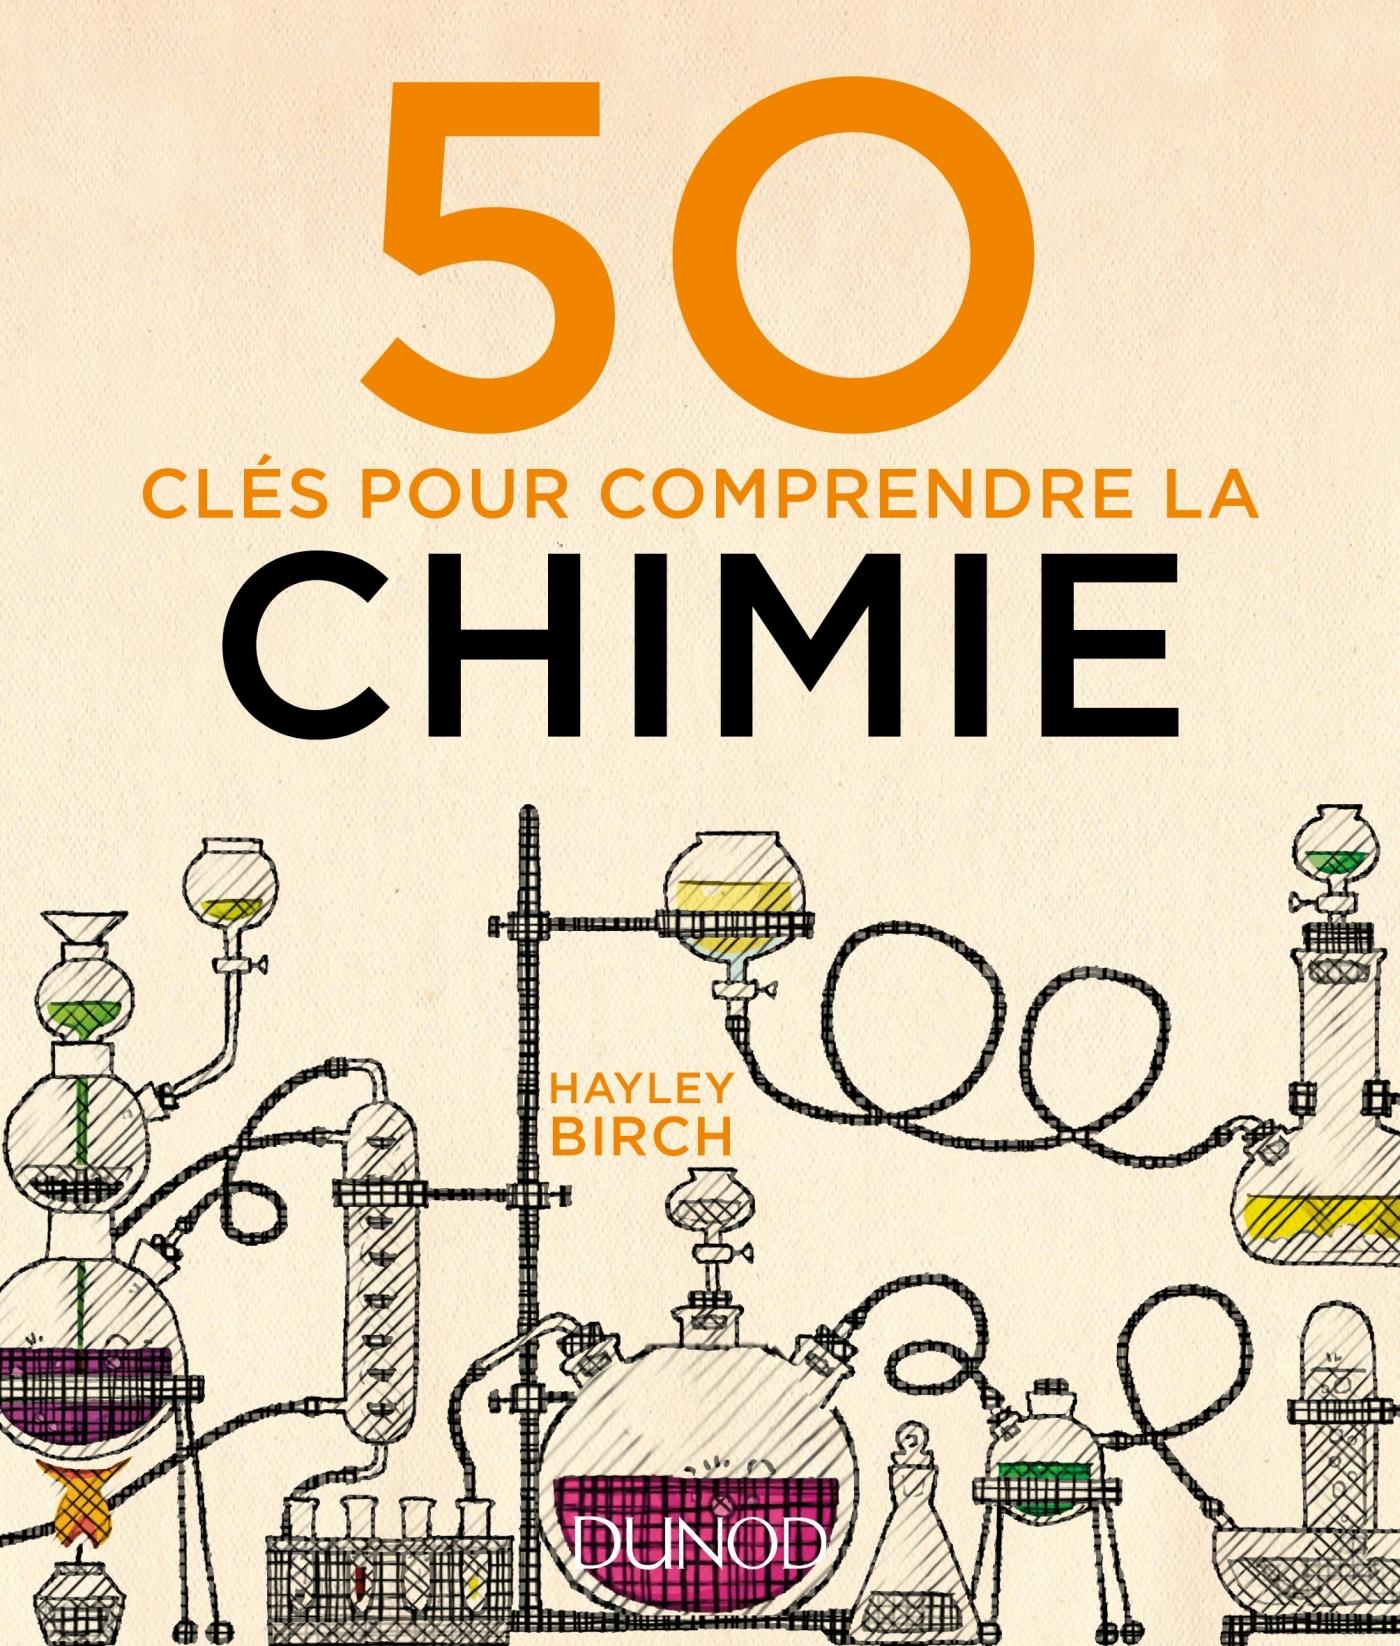 50 CLES POUR COMPRENDRE LA CHIMIE